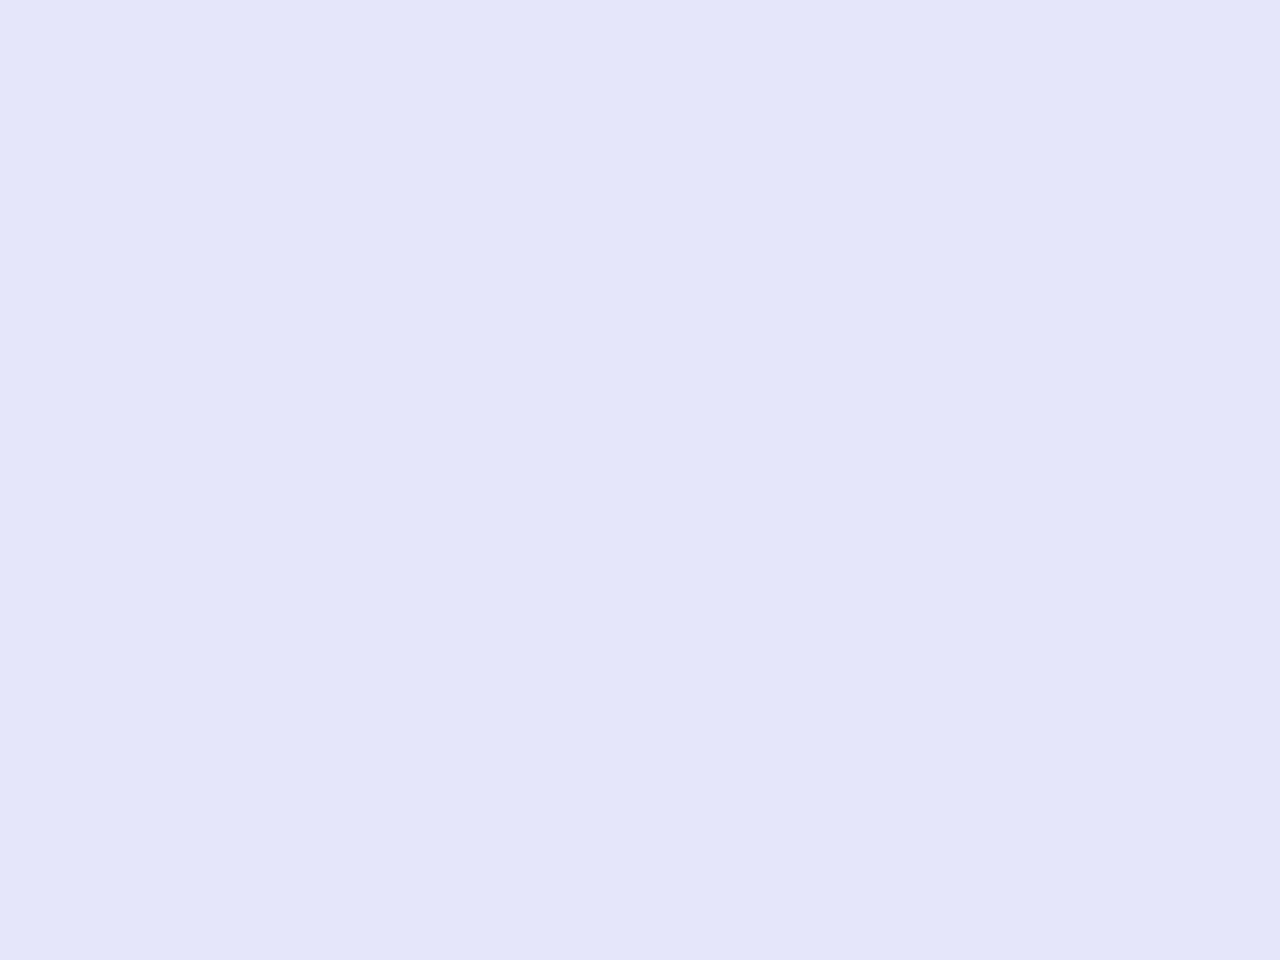 1280x960 Lavender Mist Solid Color Background